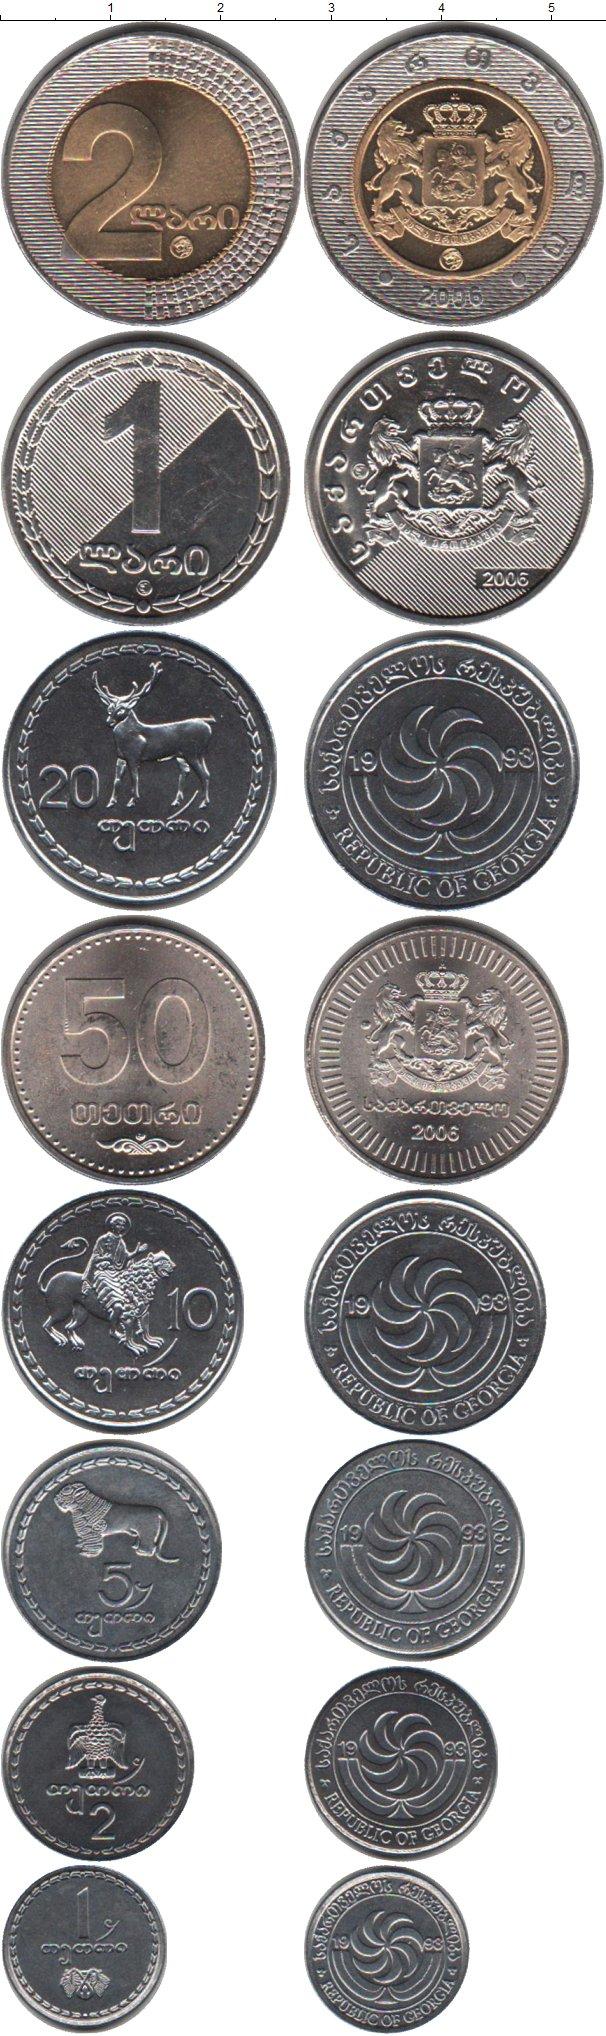 Картинка Подарочные наборы Грузия Грузия 1993-2006  1993